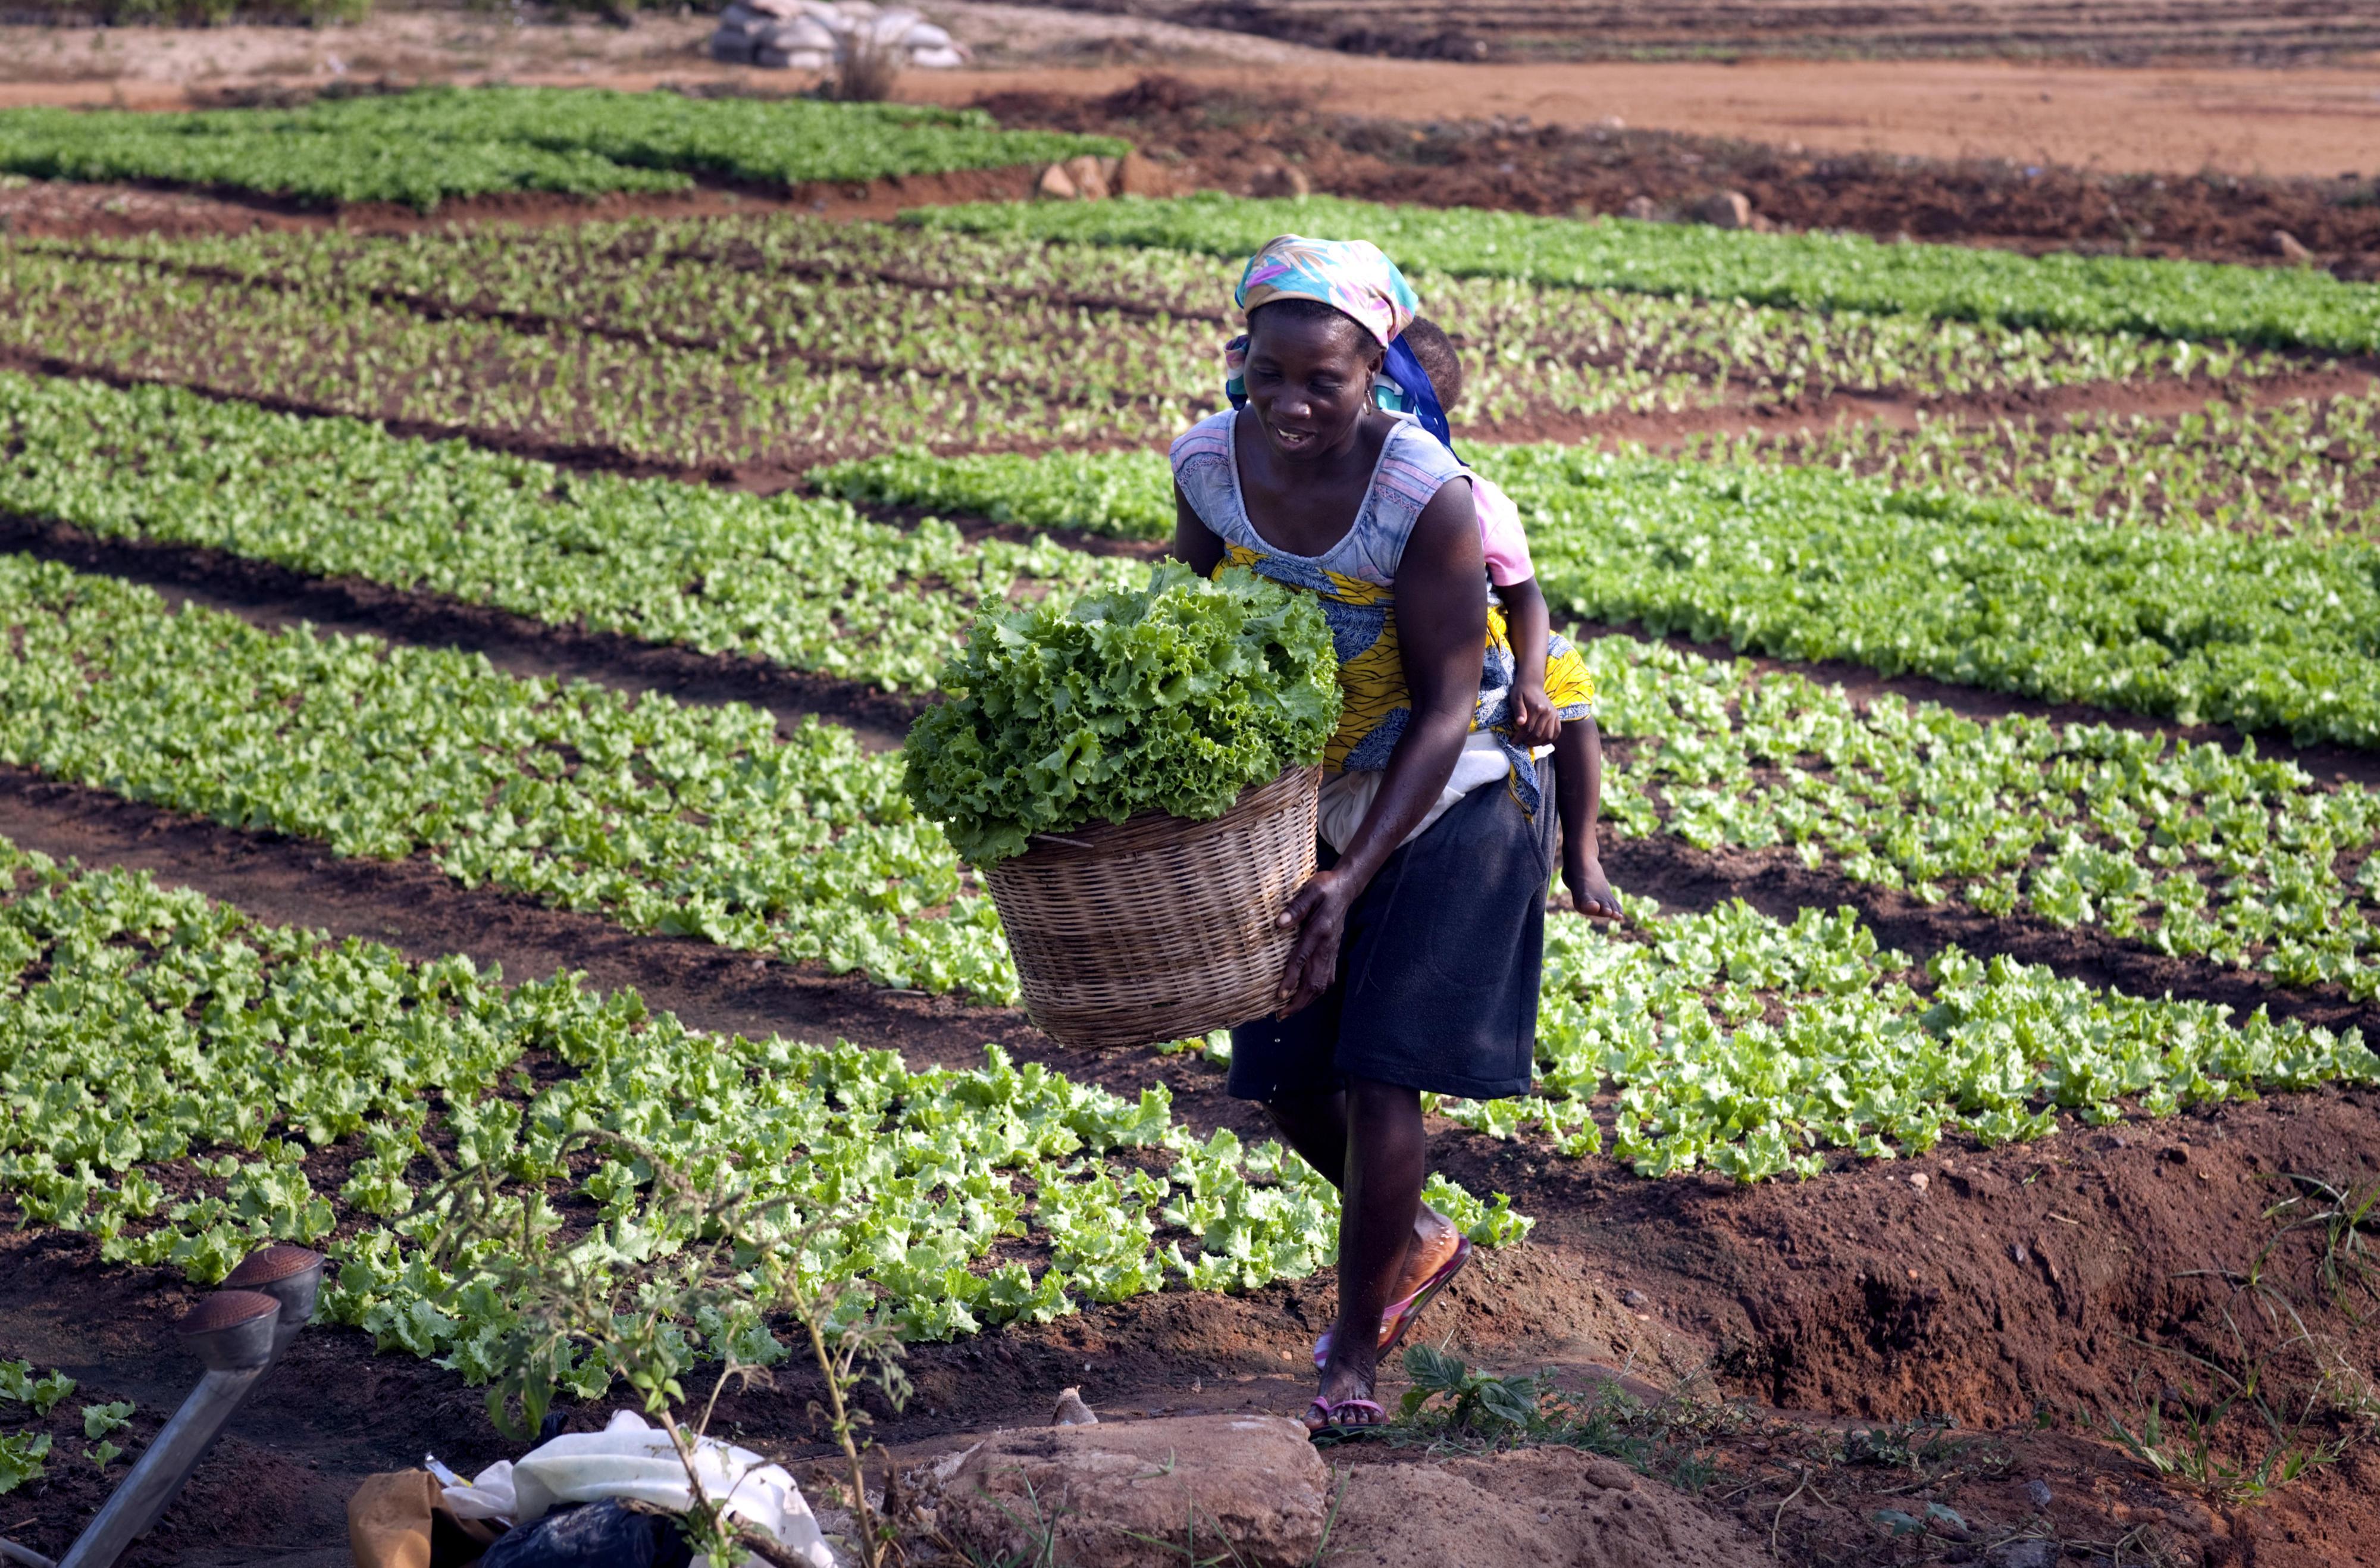 Eine Frau in Togo erntet Salat. Sie trägt ein Kleinkind auf dem Rücken.